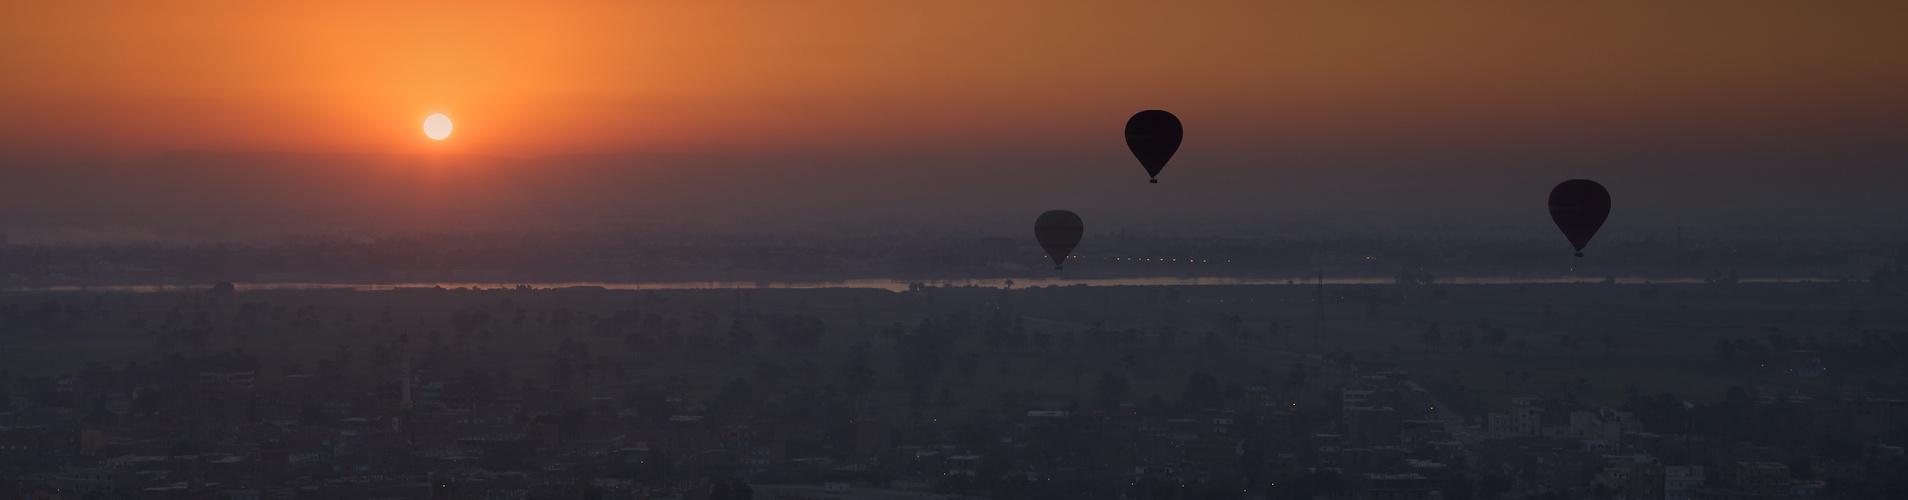 Balloons over Luxor 03, Egypt 2011